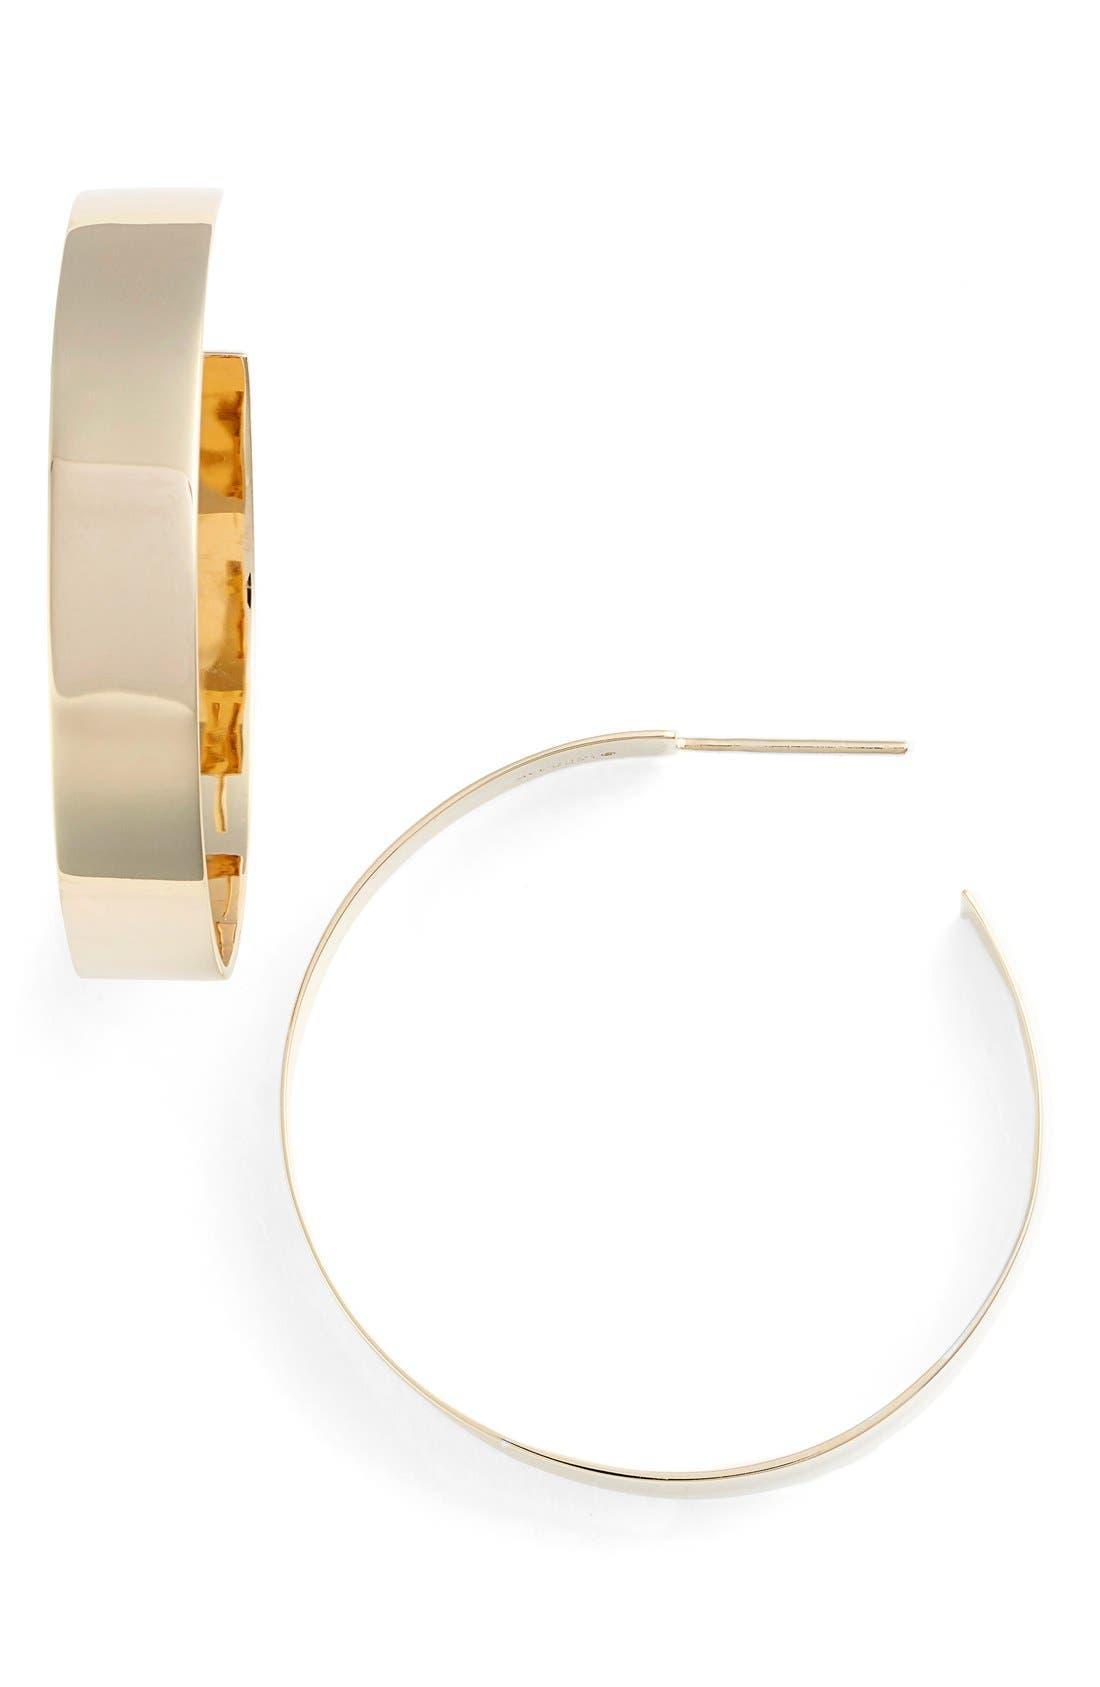 Alternate Image 1 Selected - Lana Jewelry 'Vanity' Small Hoop Earrings